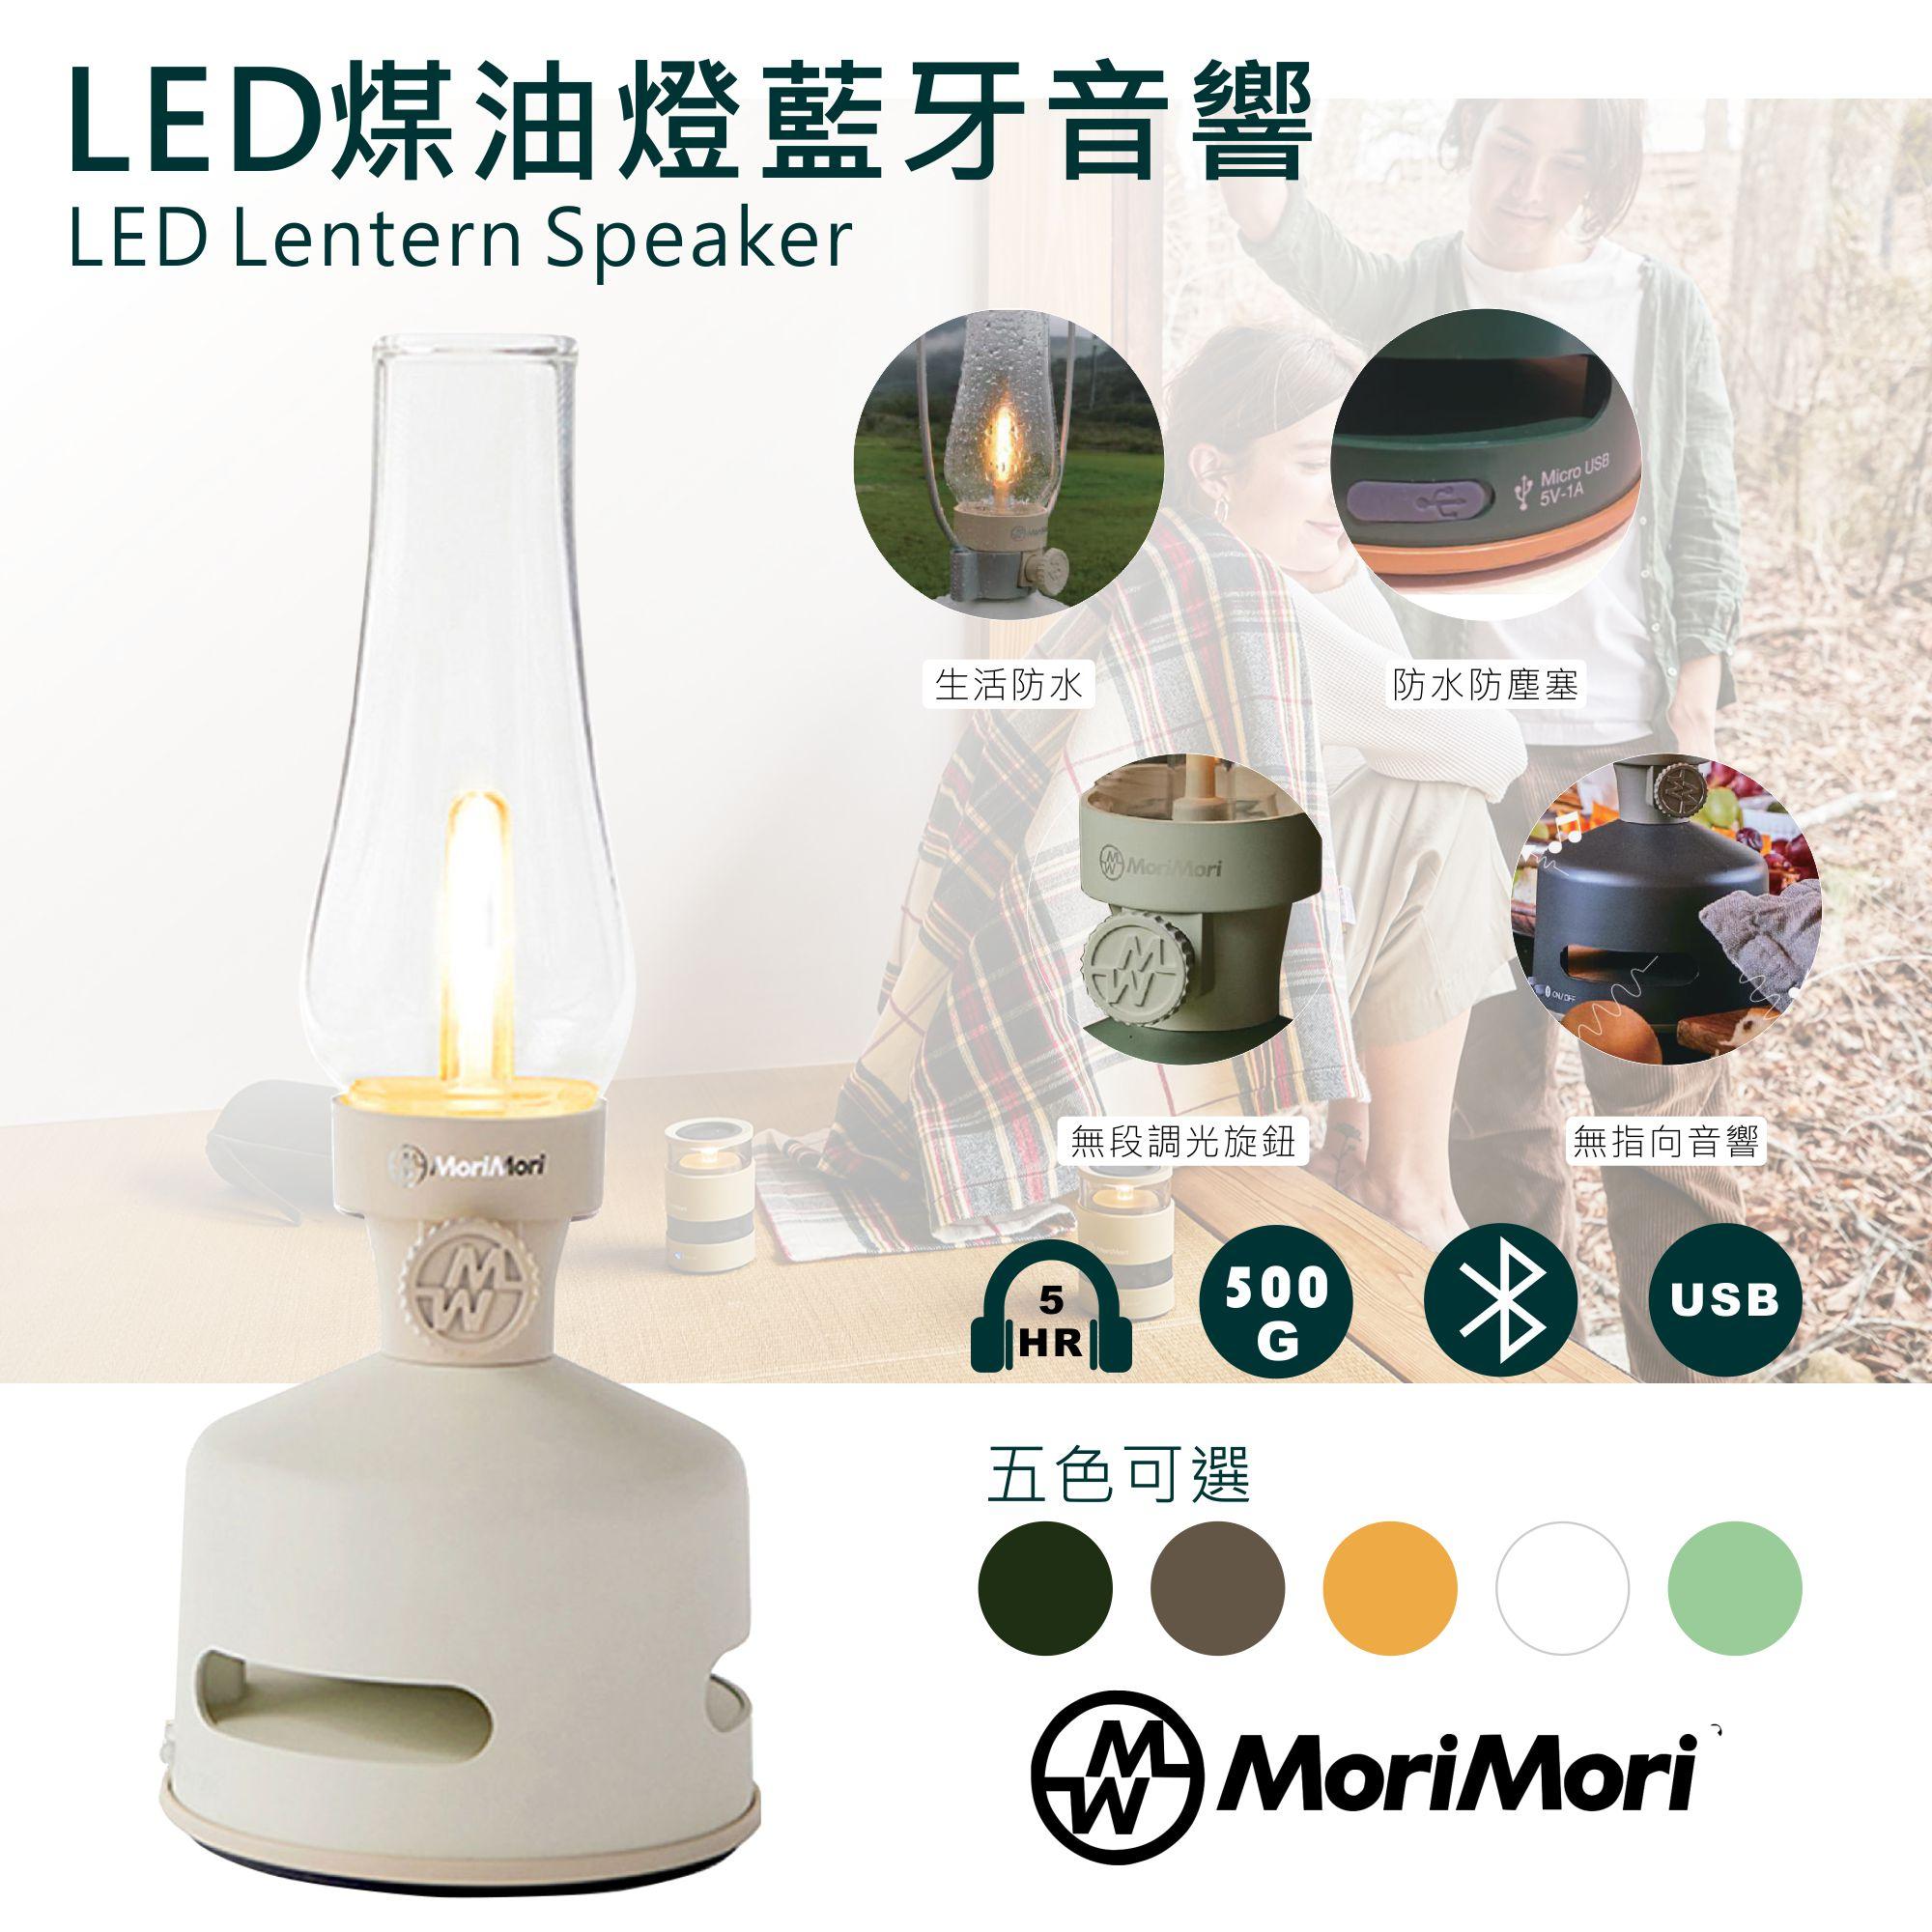 【日本】MoriMori藍芽喇叭燈(白) 多功能LED燈 小夜燈 無段調光 防水 多功能音響 氣氛燈 高音質音響